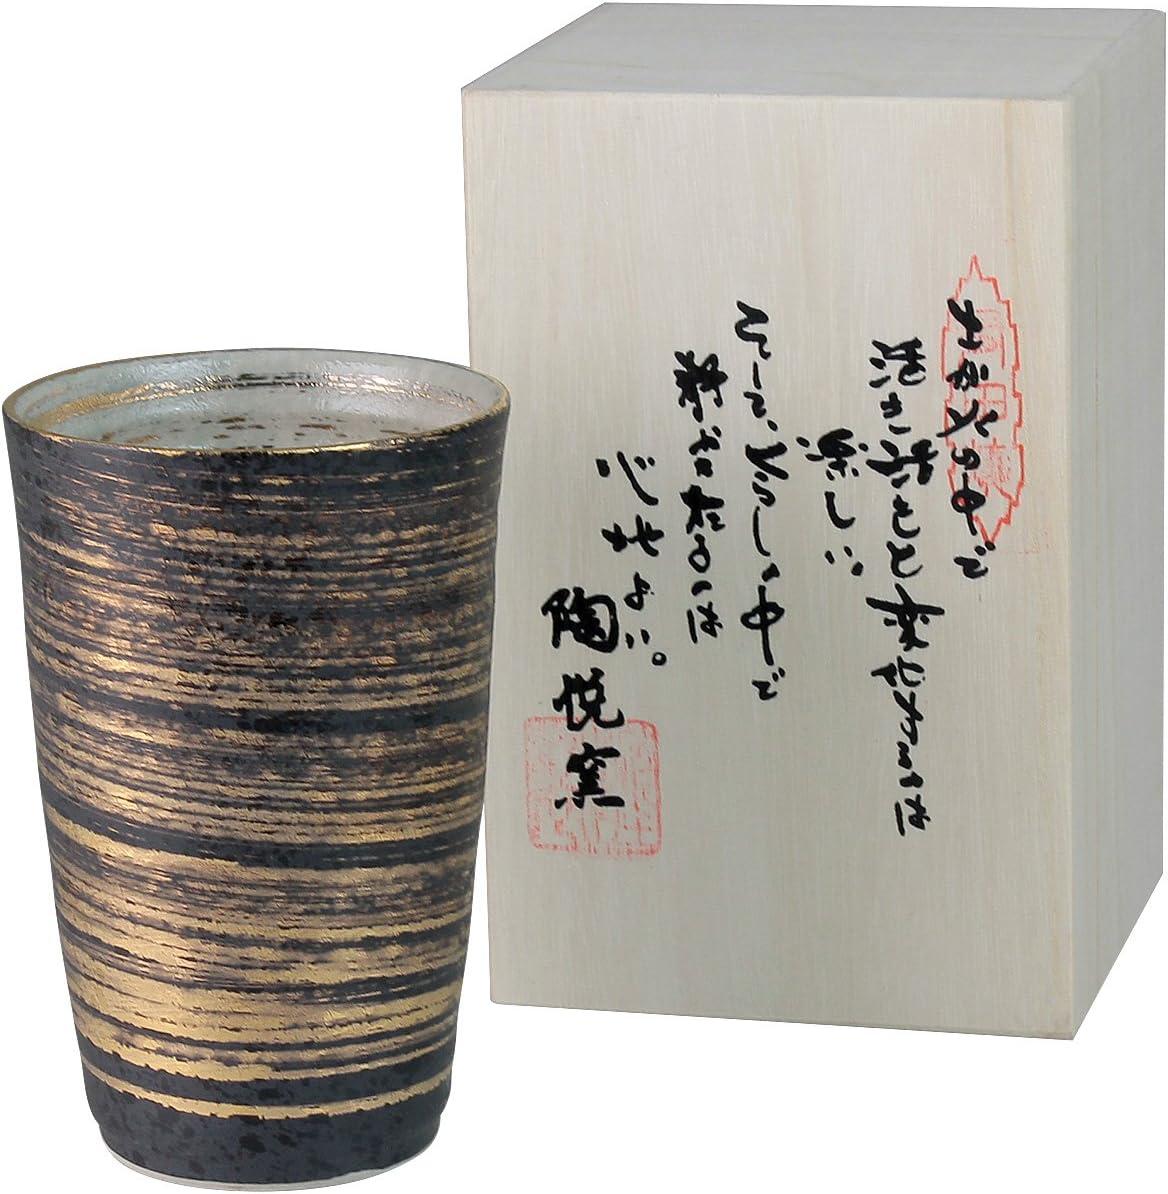 陶悦窯(とうえつがま)有田焼 金刷毛 陶酒杯